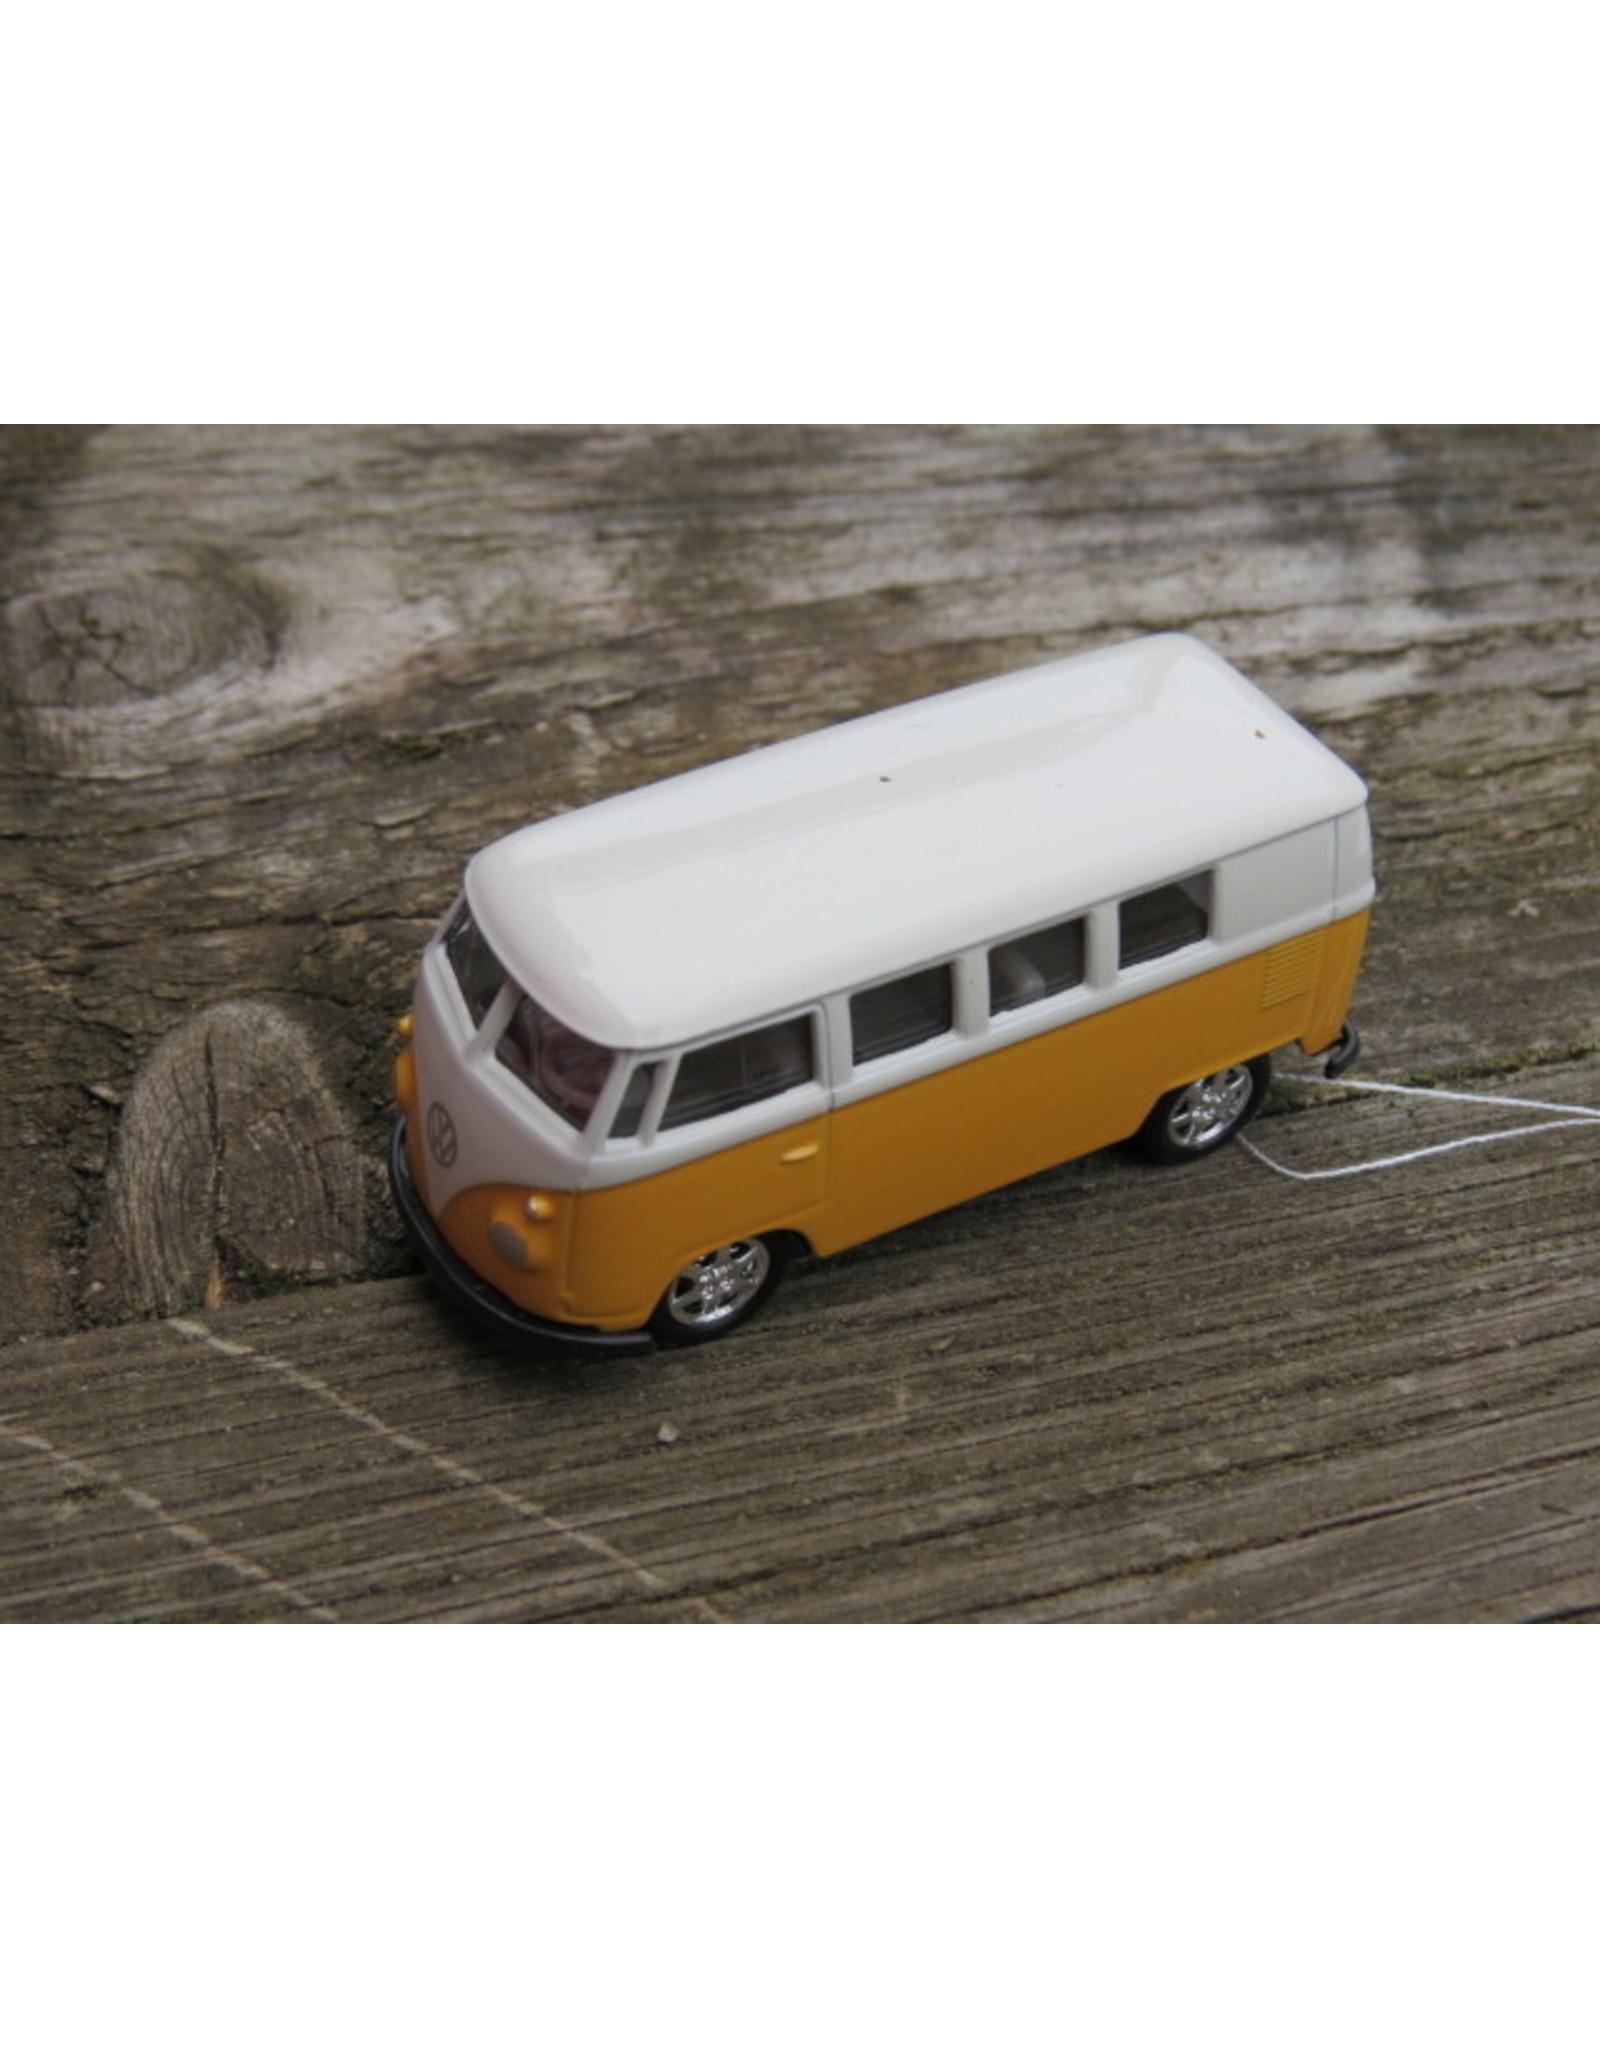 Volkswagen Van  (1:64) - yellow